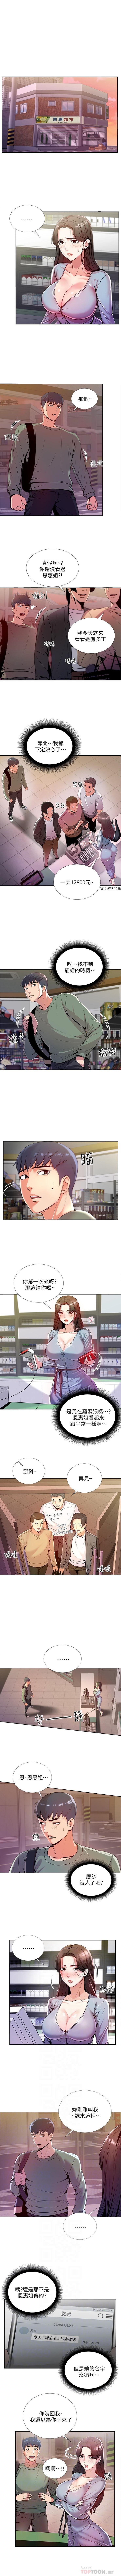 (週3)超市的漂亮姐姐 1-18 中文翻譯(更新中) 39